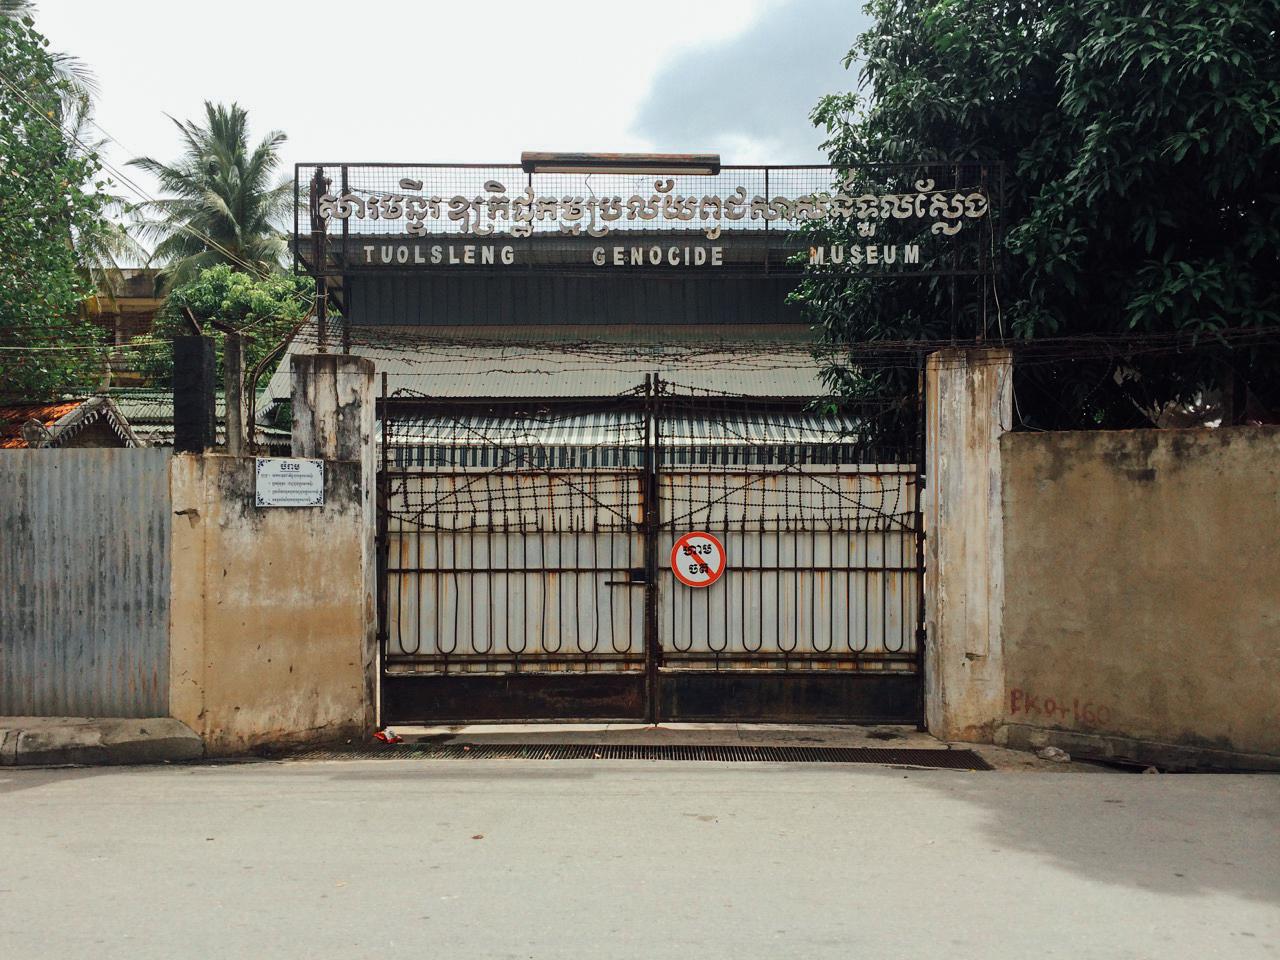 Путешествие по Камбодже: Музей Геноцида